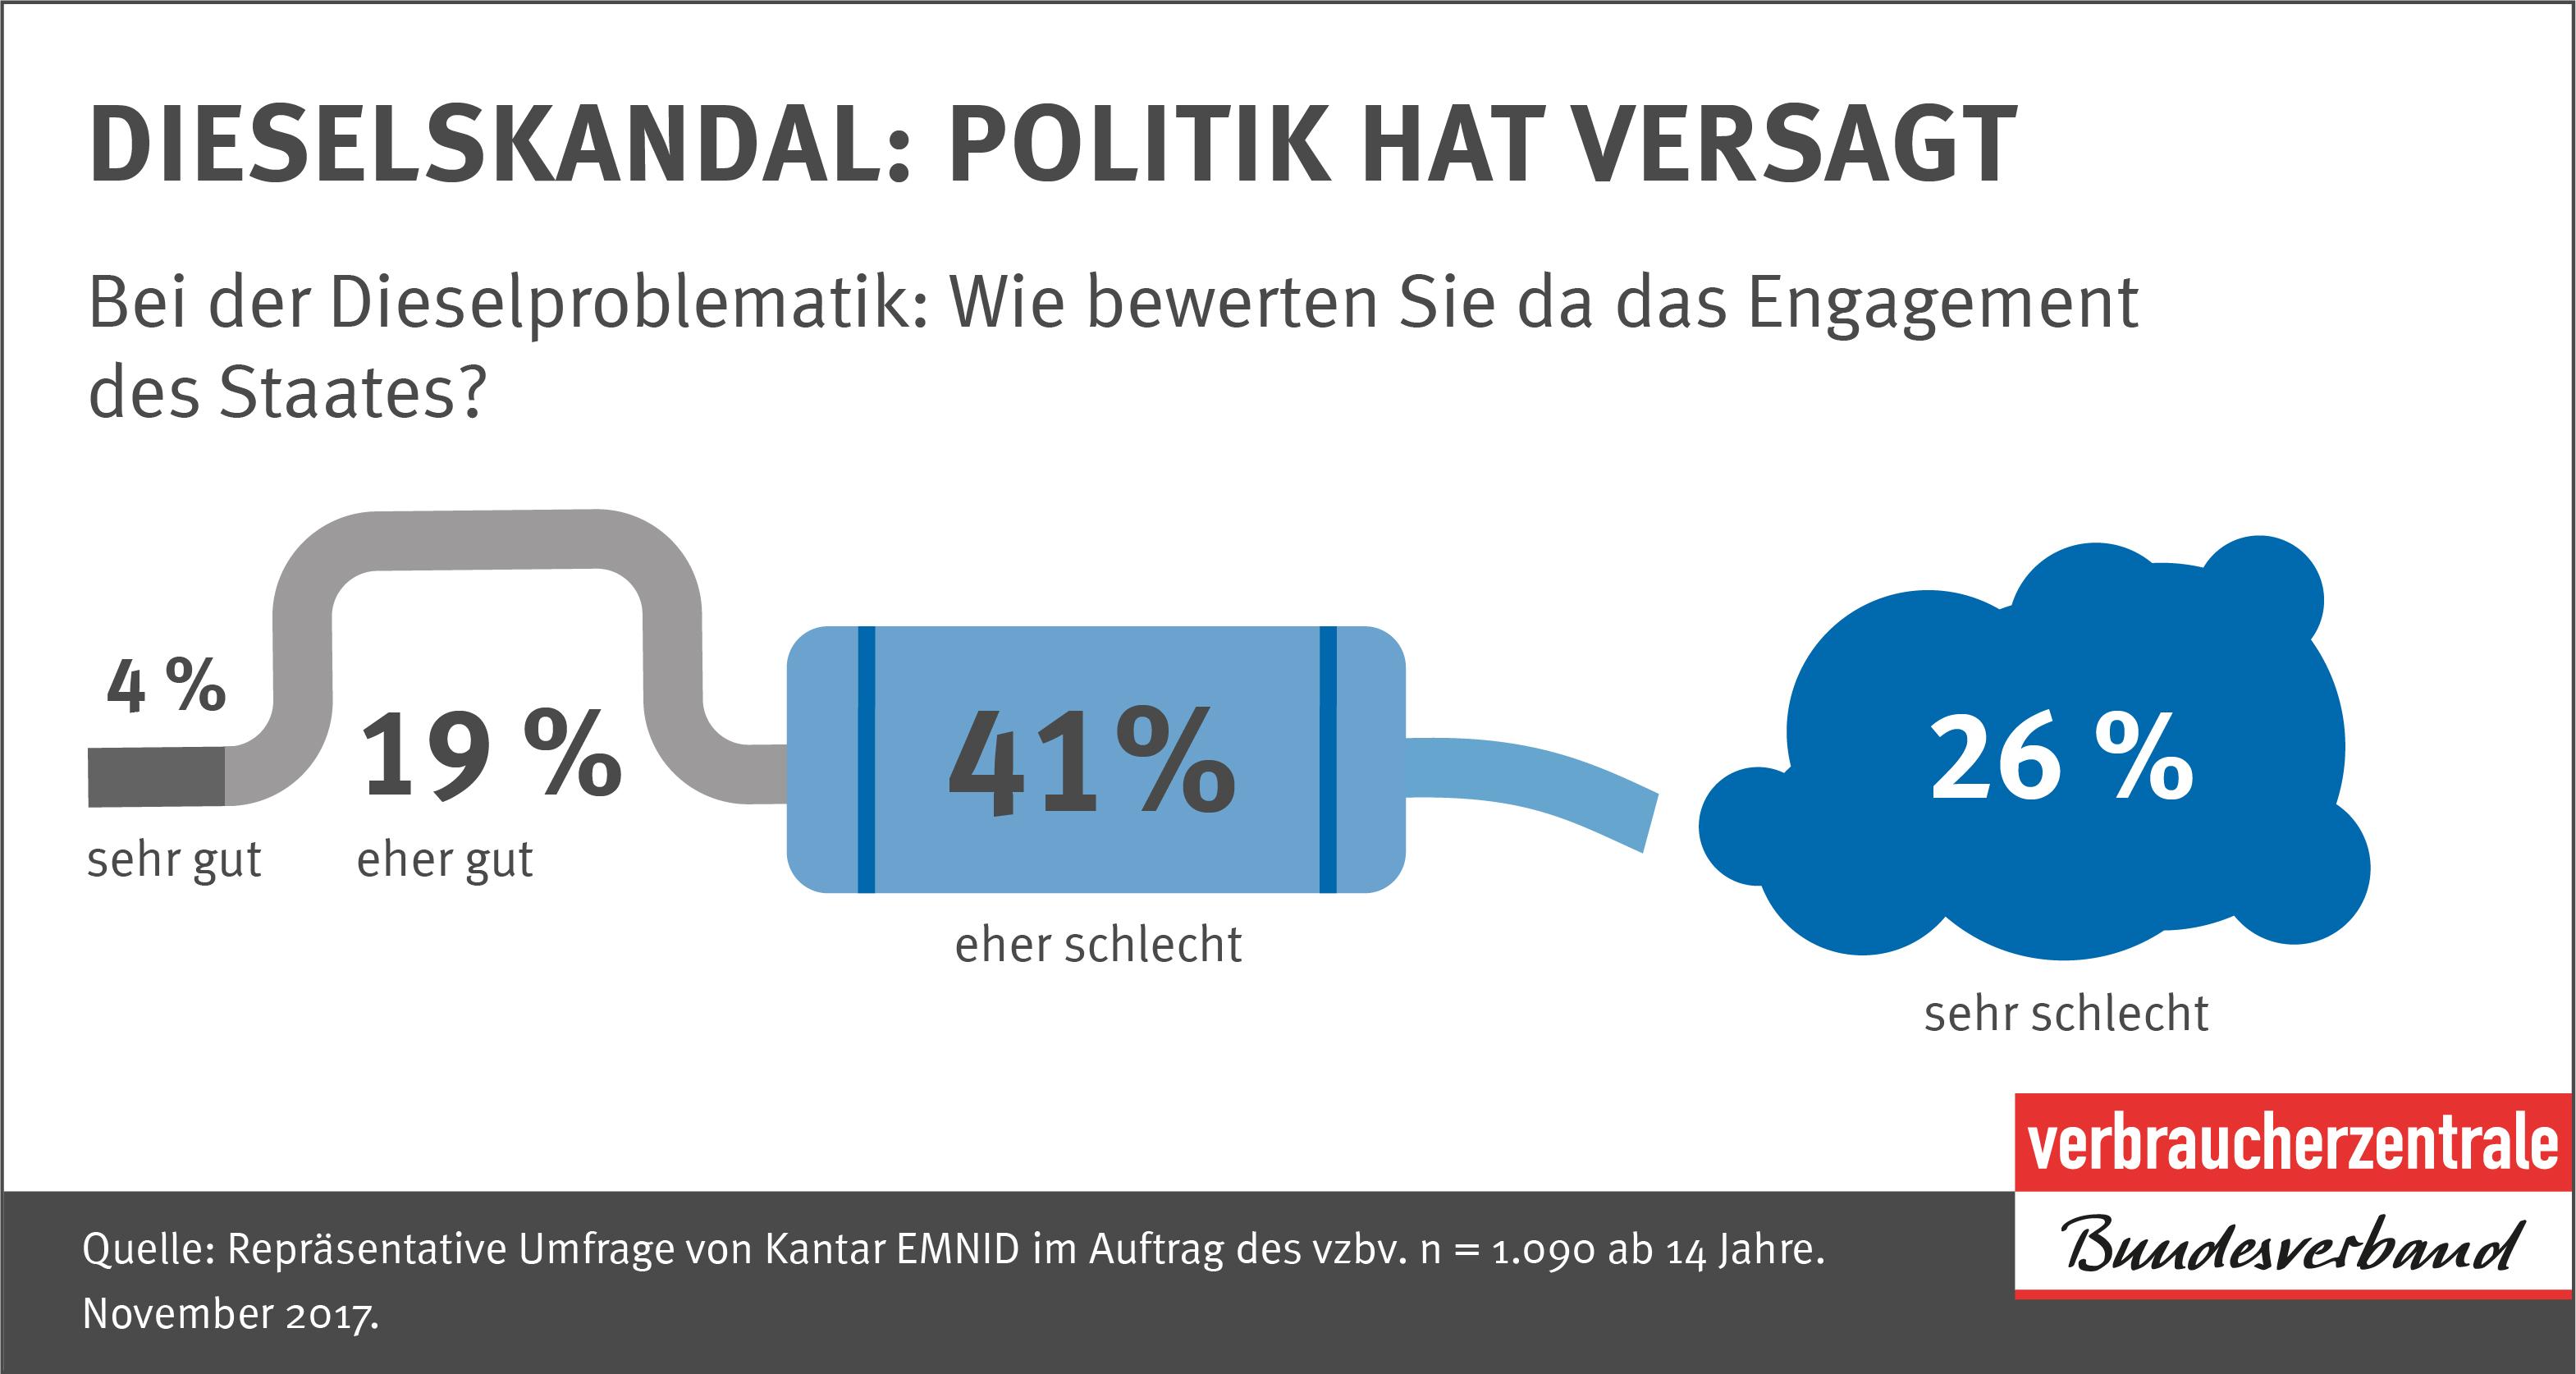 Infografik - Dieselskandal: Politik hat versagt